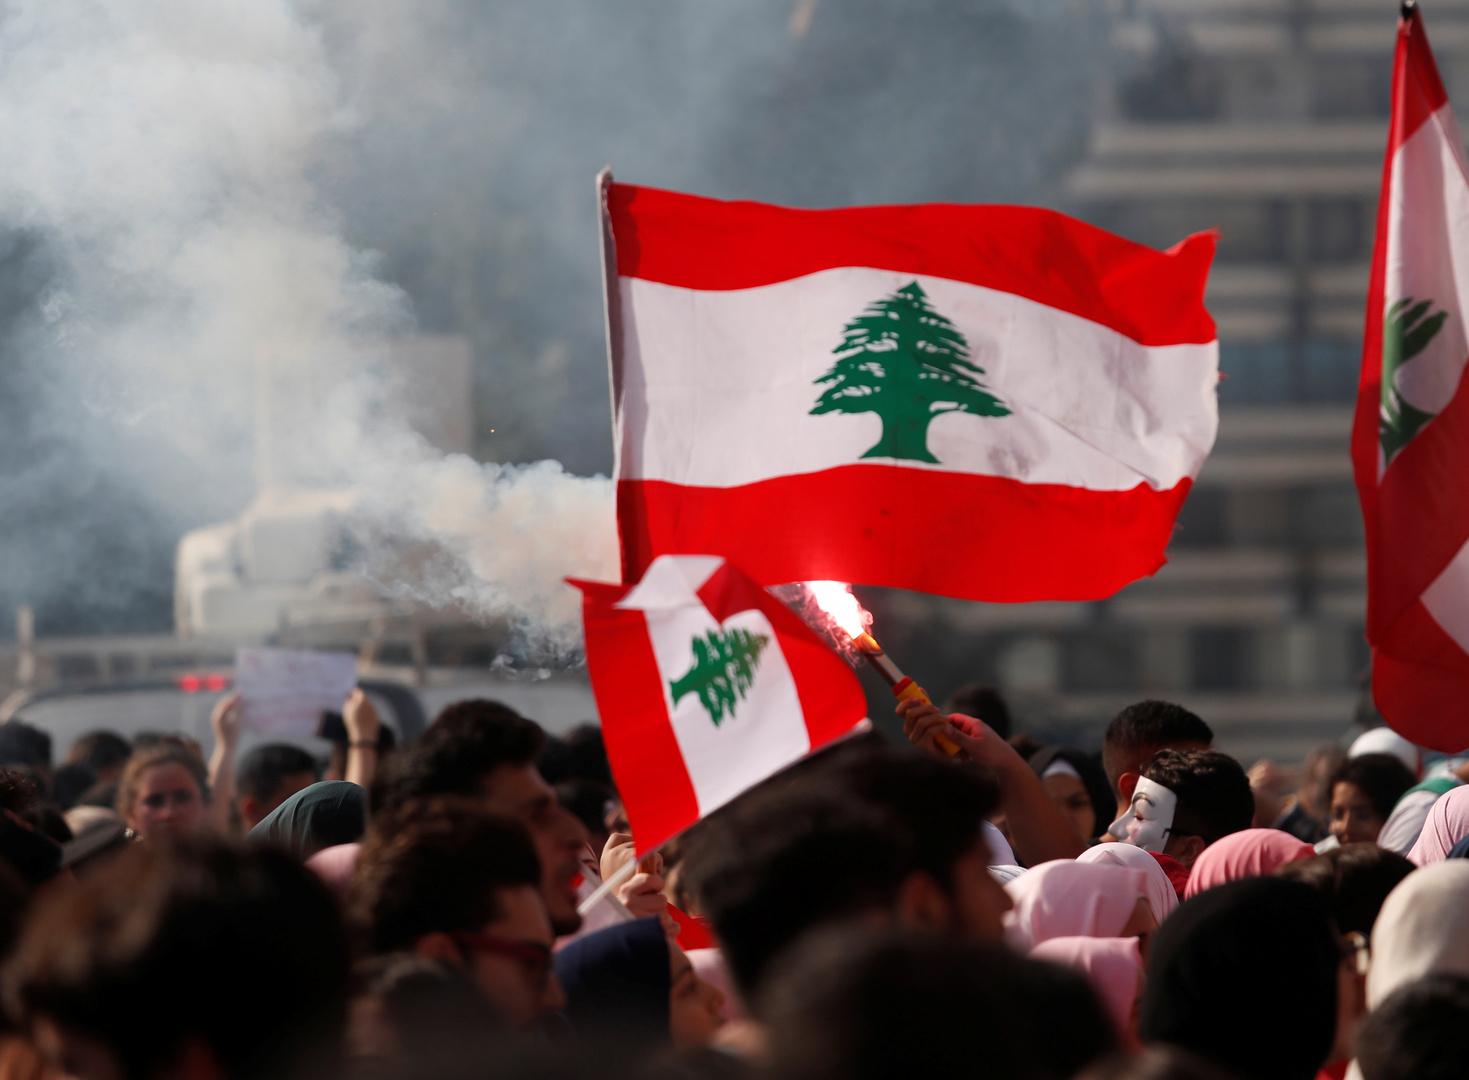 البنك الدولي: الوضع في لبنان يصبح أكثر خطورة